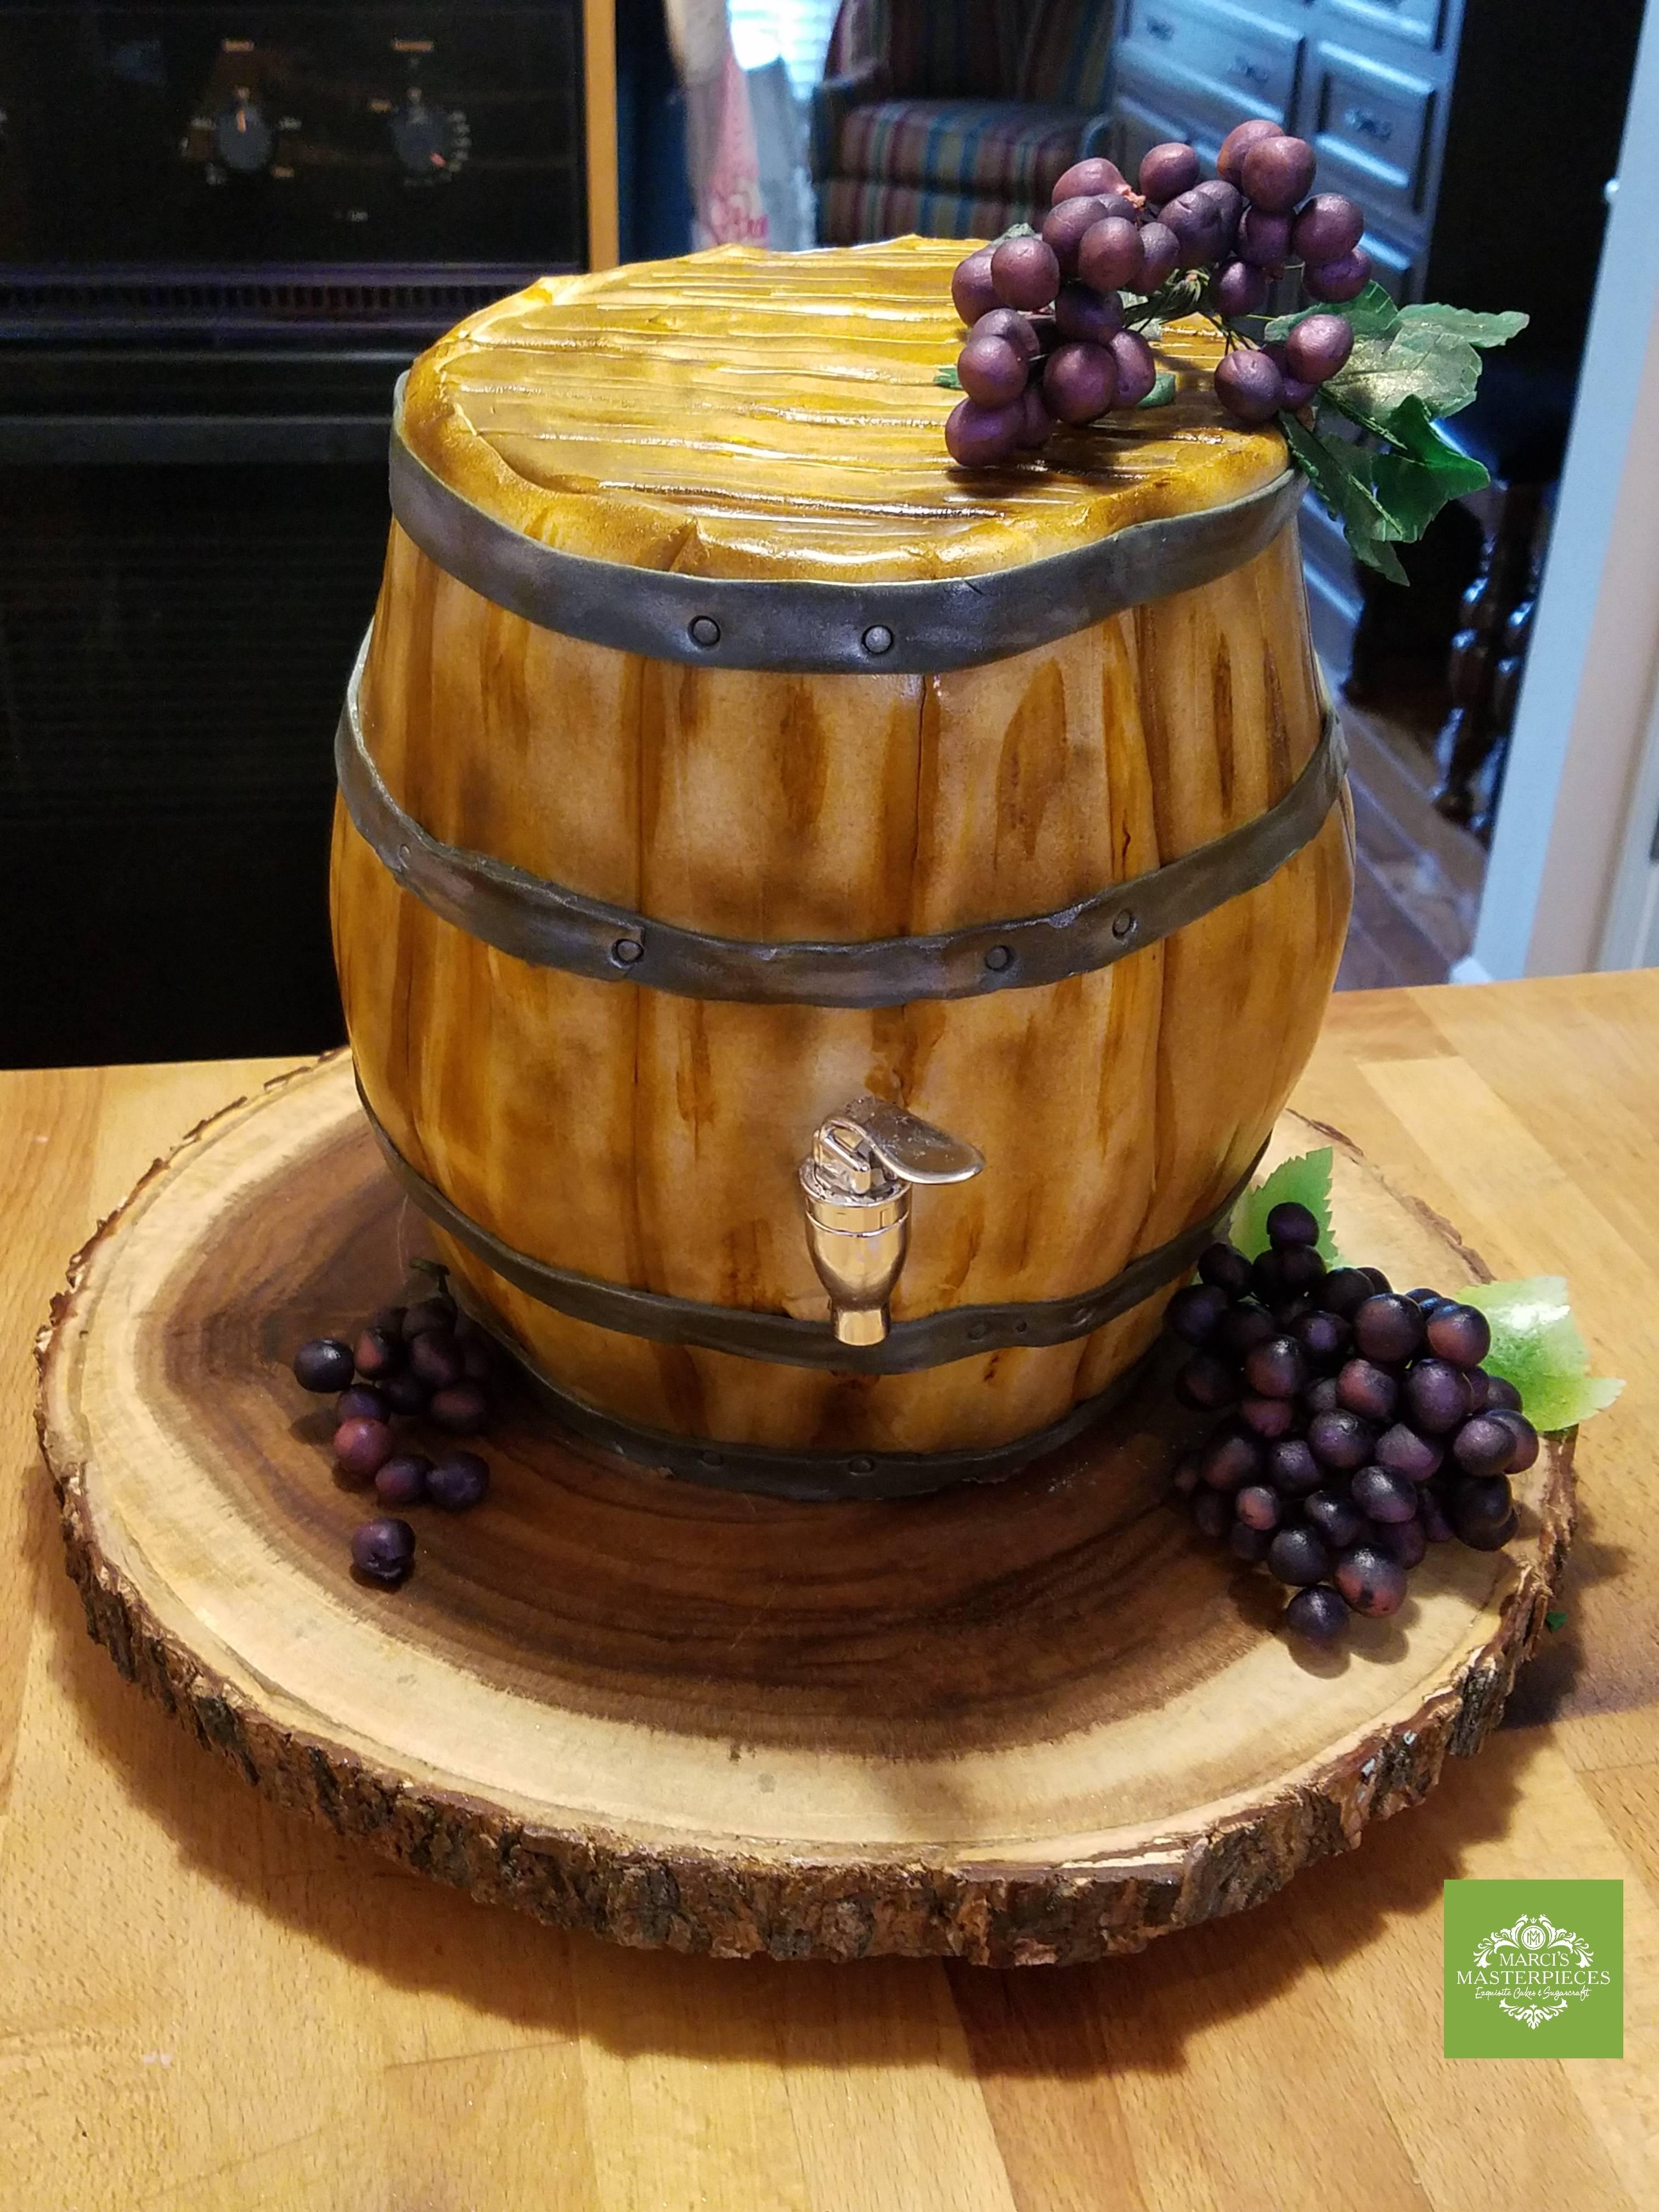 Wine lover's cake